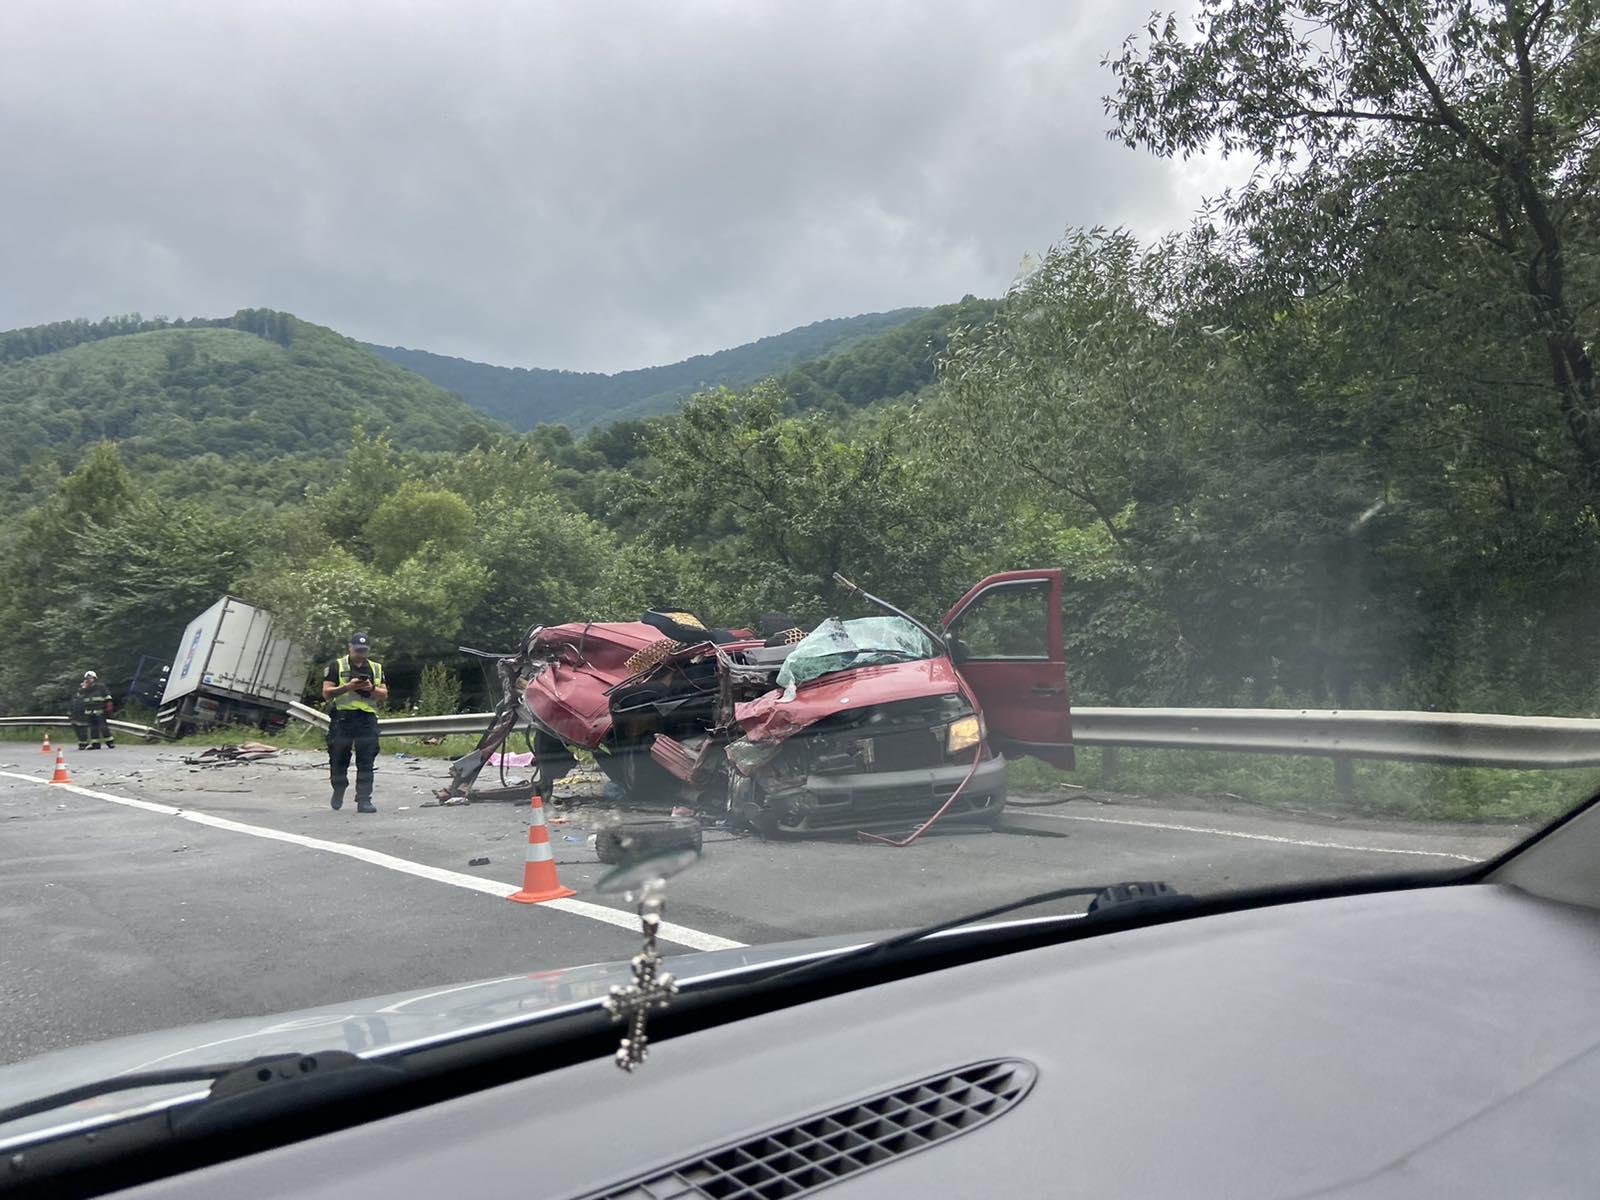 По словам очевидца, страшная авария произошла в Закарпатье недалеко от села Ханковица.